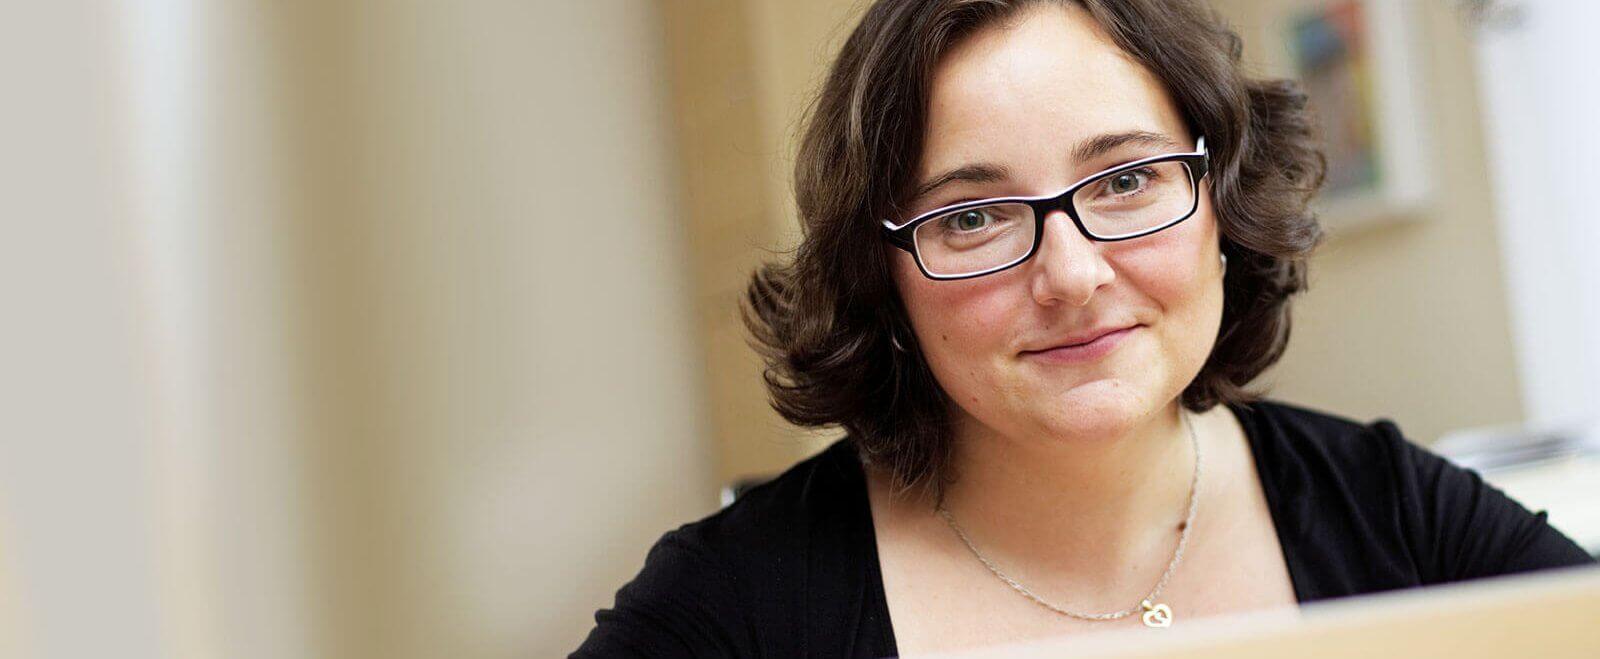 Sonia Schüttler ist als virtuelle Assistentin auf reibungslose digitale Lösungen angewiesen - und Spaß machen darf das natürlich auch.